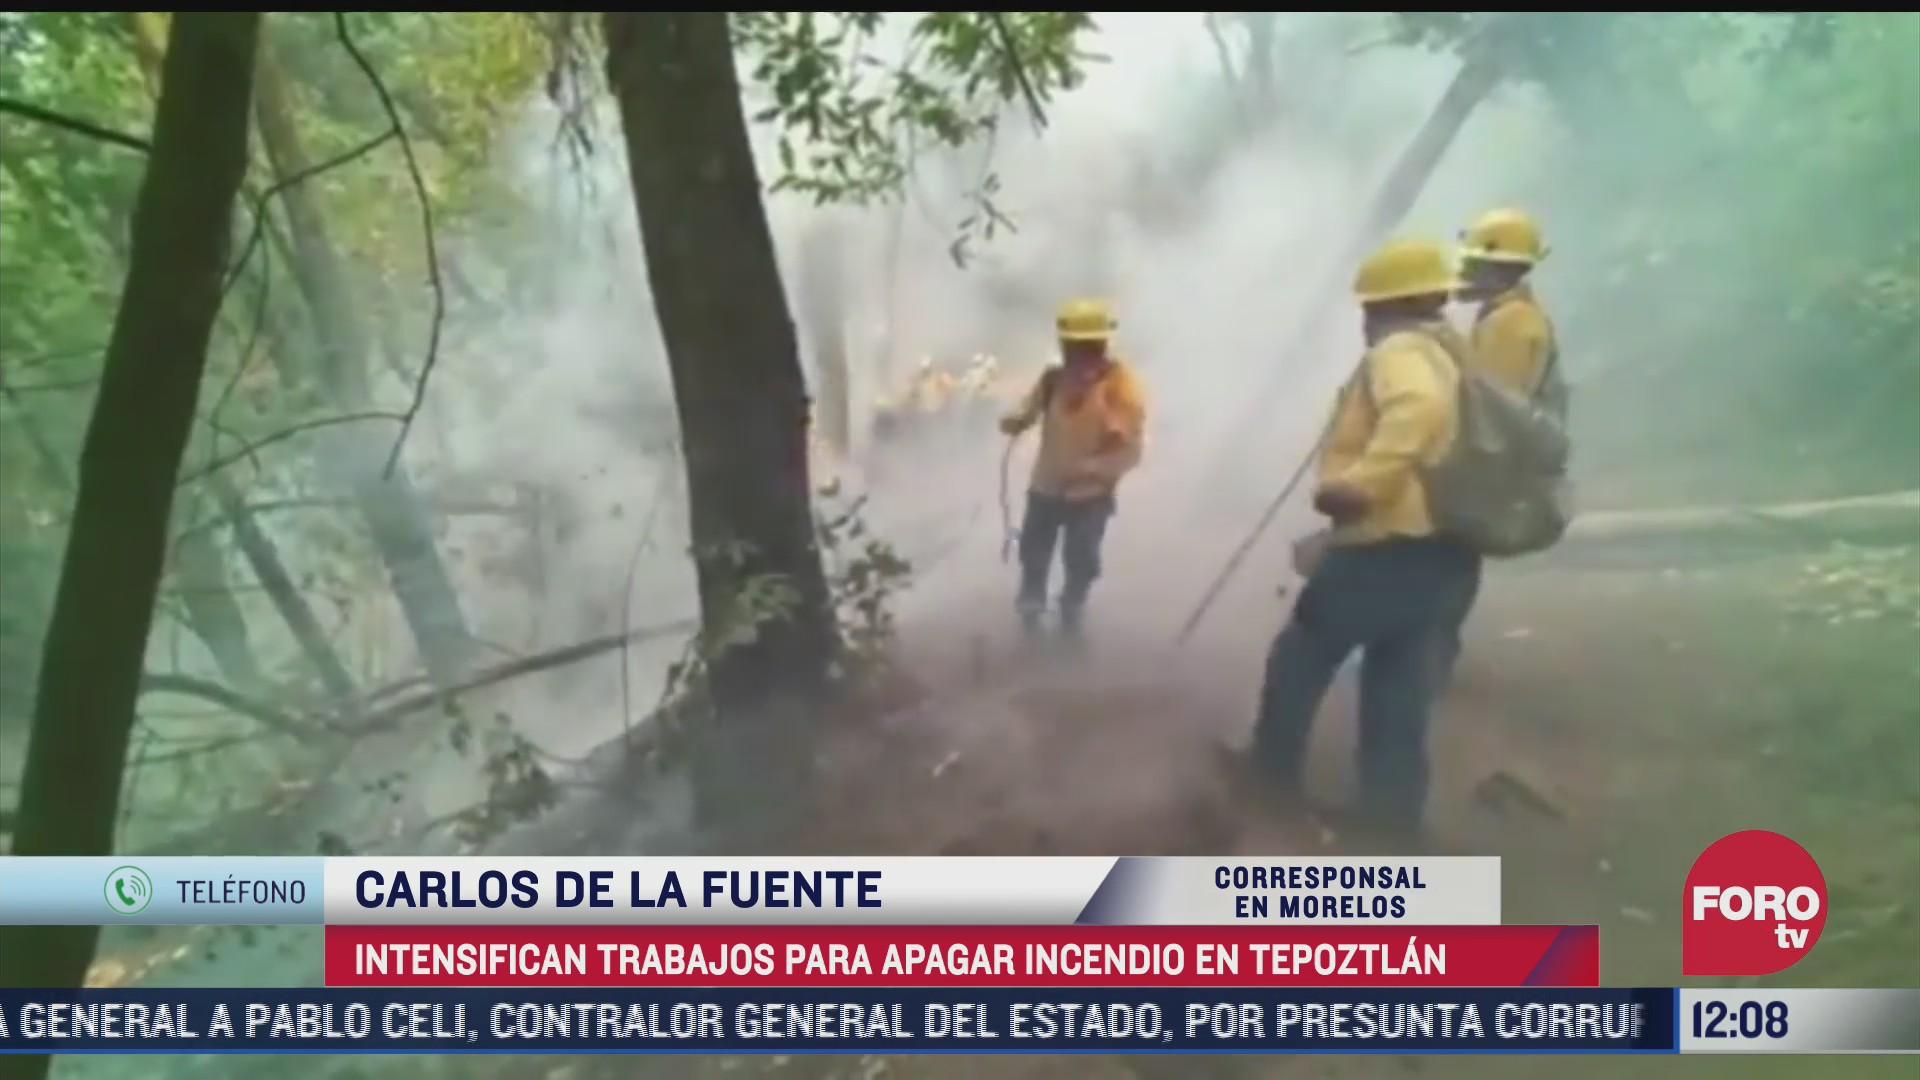 brigadistas trabajan para sofocar incendio forestal en tepoztlan